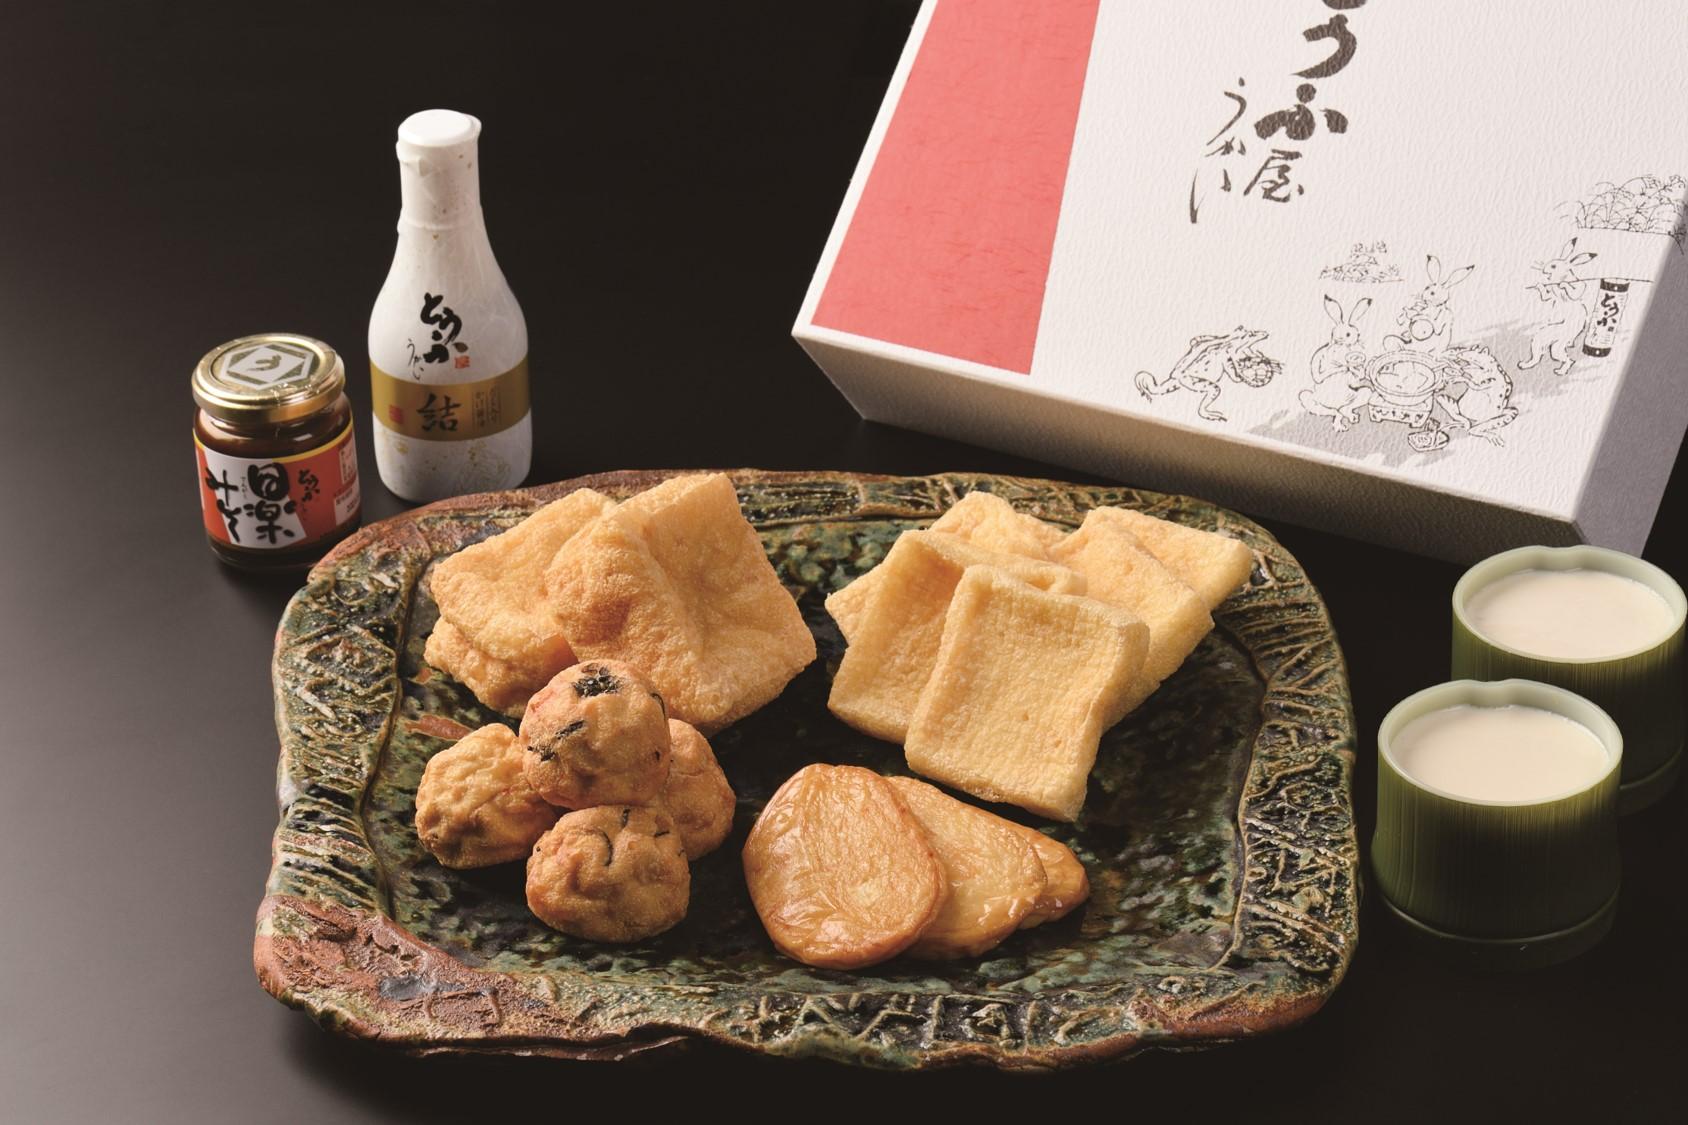 名物「豆水とうふ」を家庭で味わう 「とうふ屋うかい」がオンラインで販売開始